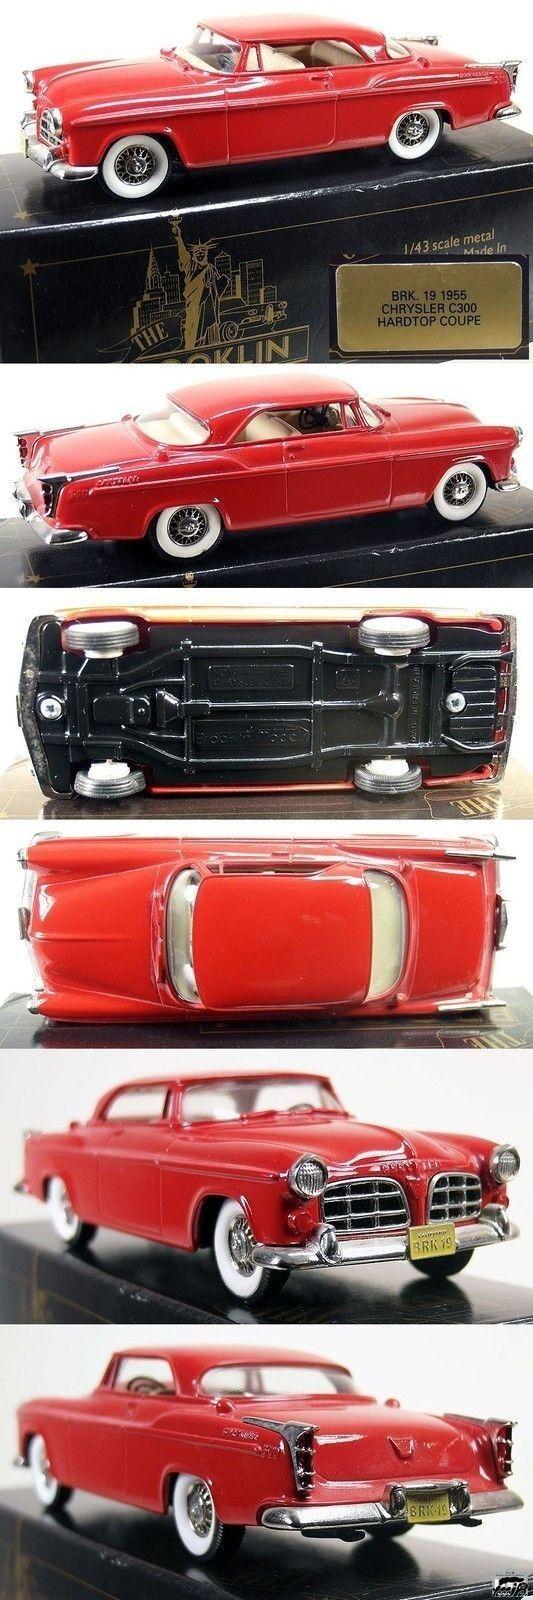 AT324   Brooklin 1 43 BRK 19 - 1955 Chrysler C300 Hardtop Coupe NEU